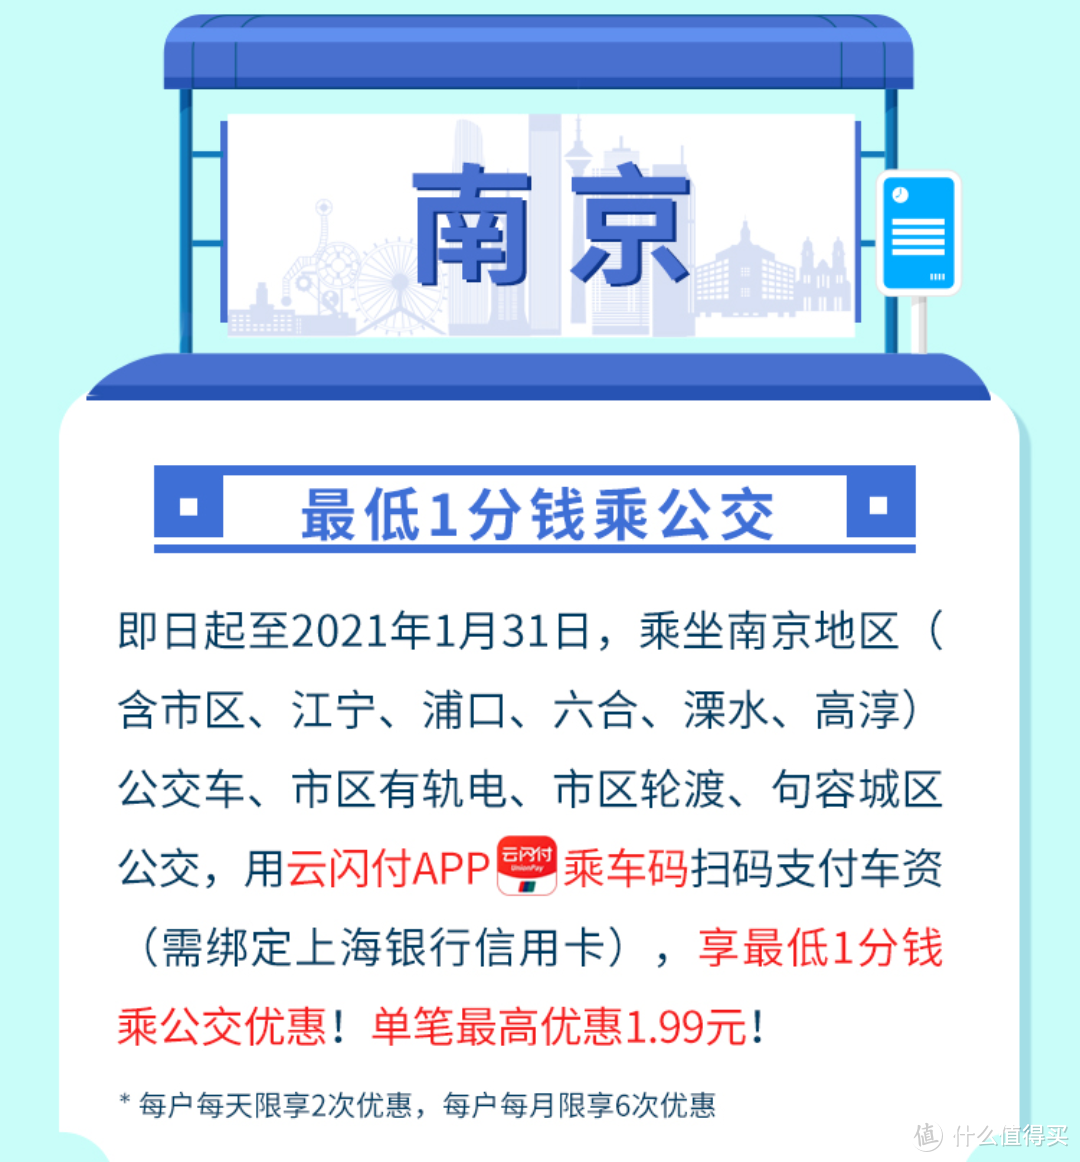 喜茶奈雪海底捞,滴滴公交周周刷,上海银行要承包全国人民的悠长假期!